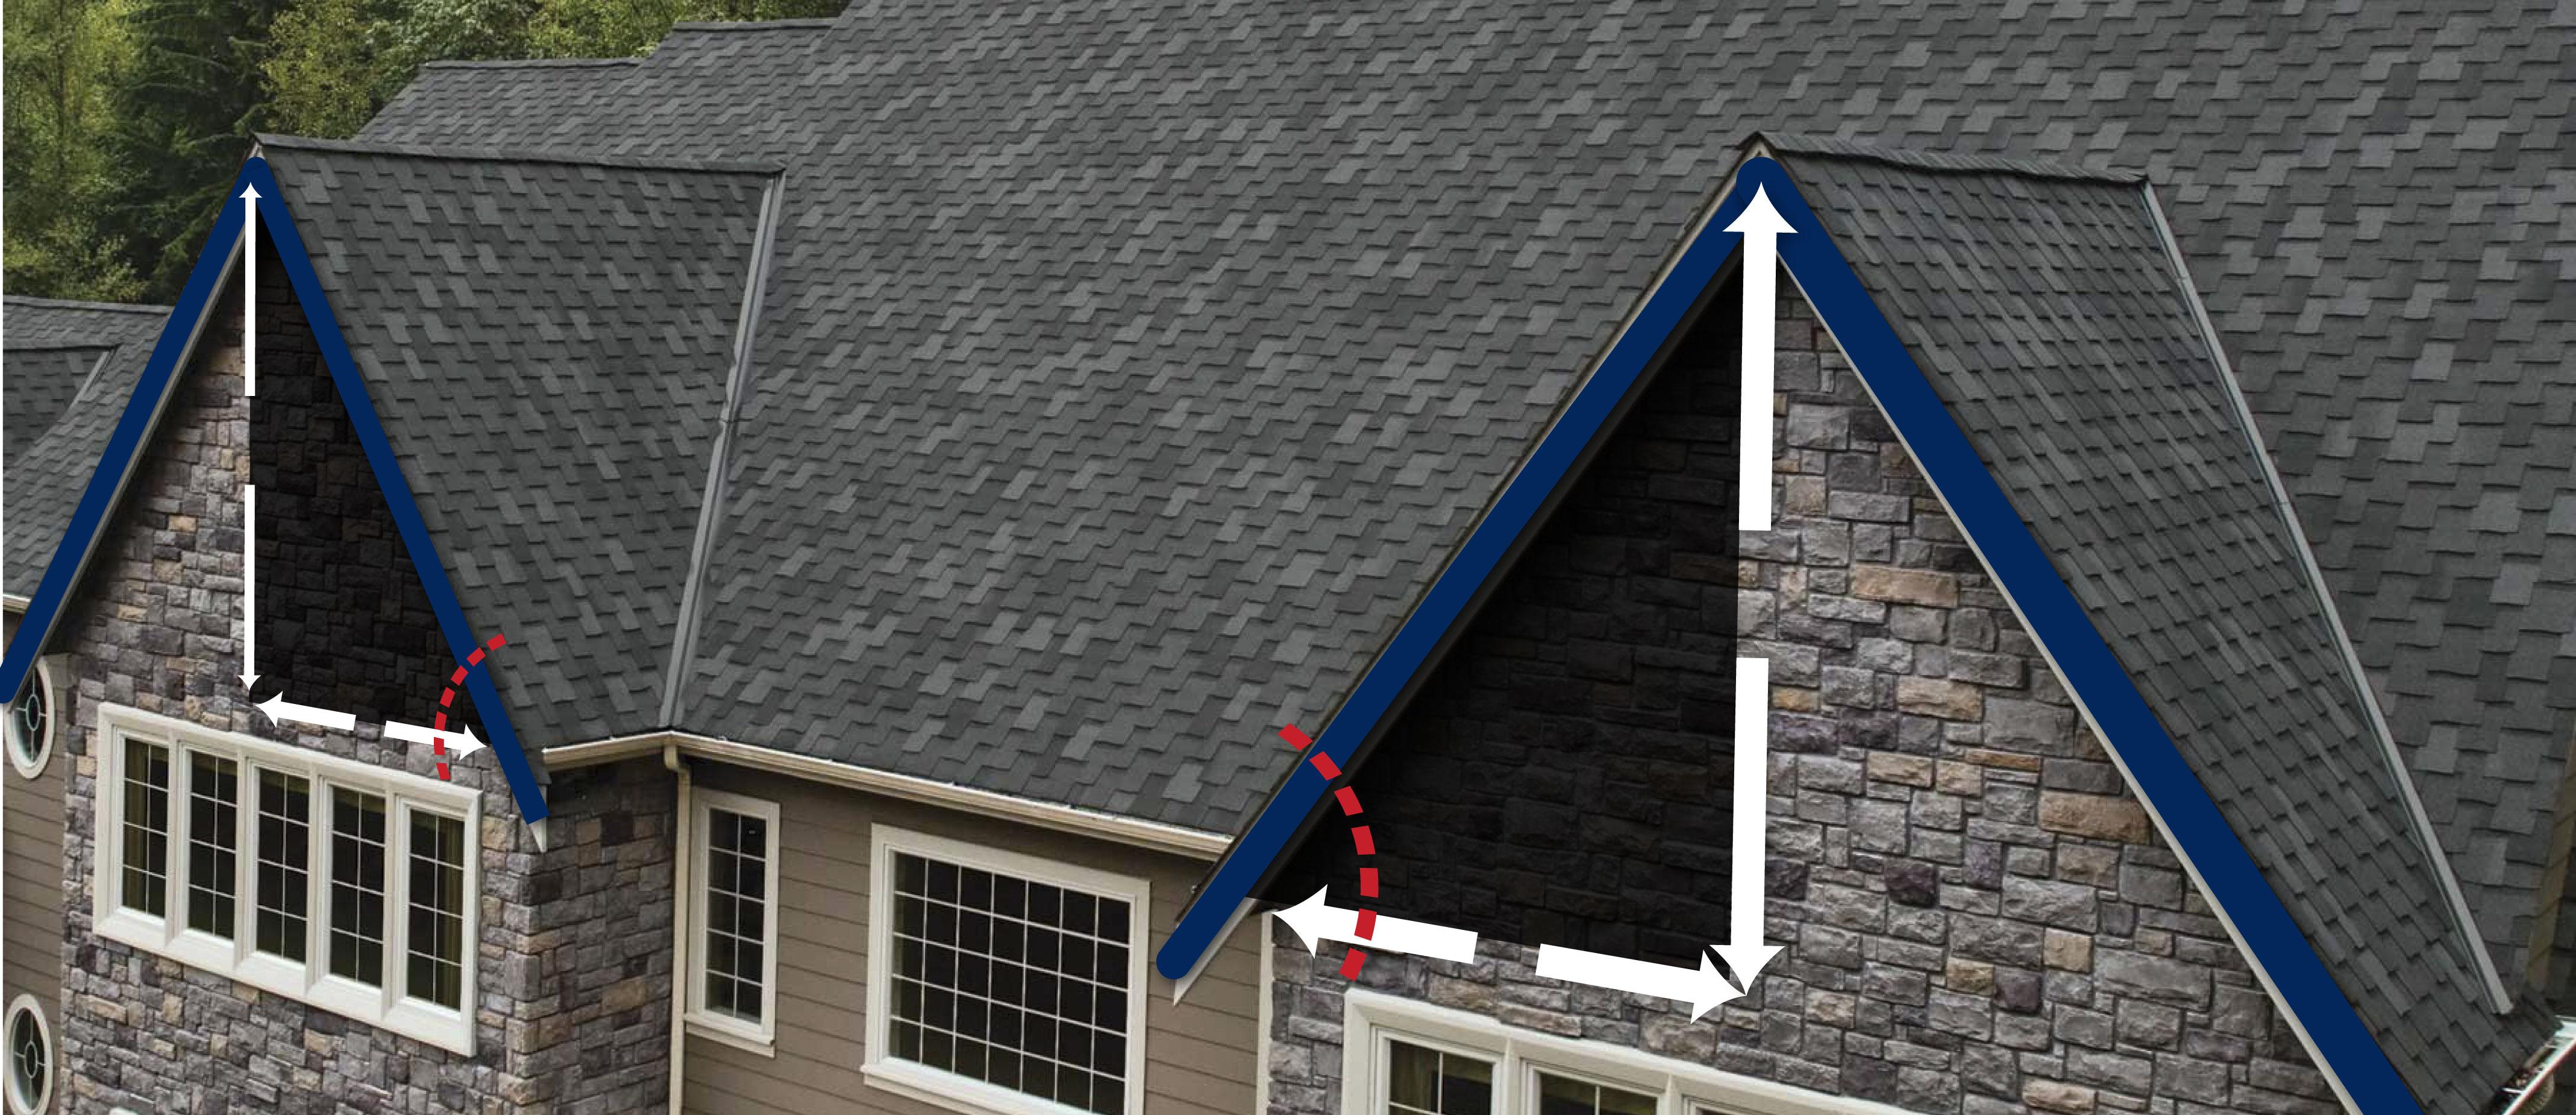 ¿Cómo calcular la pendiente de un techo?